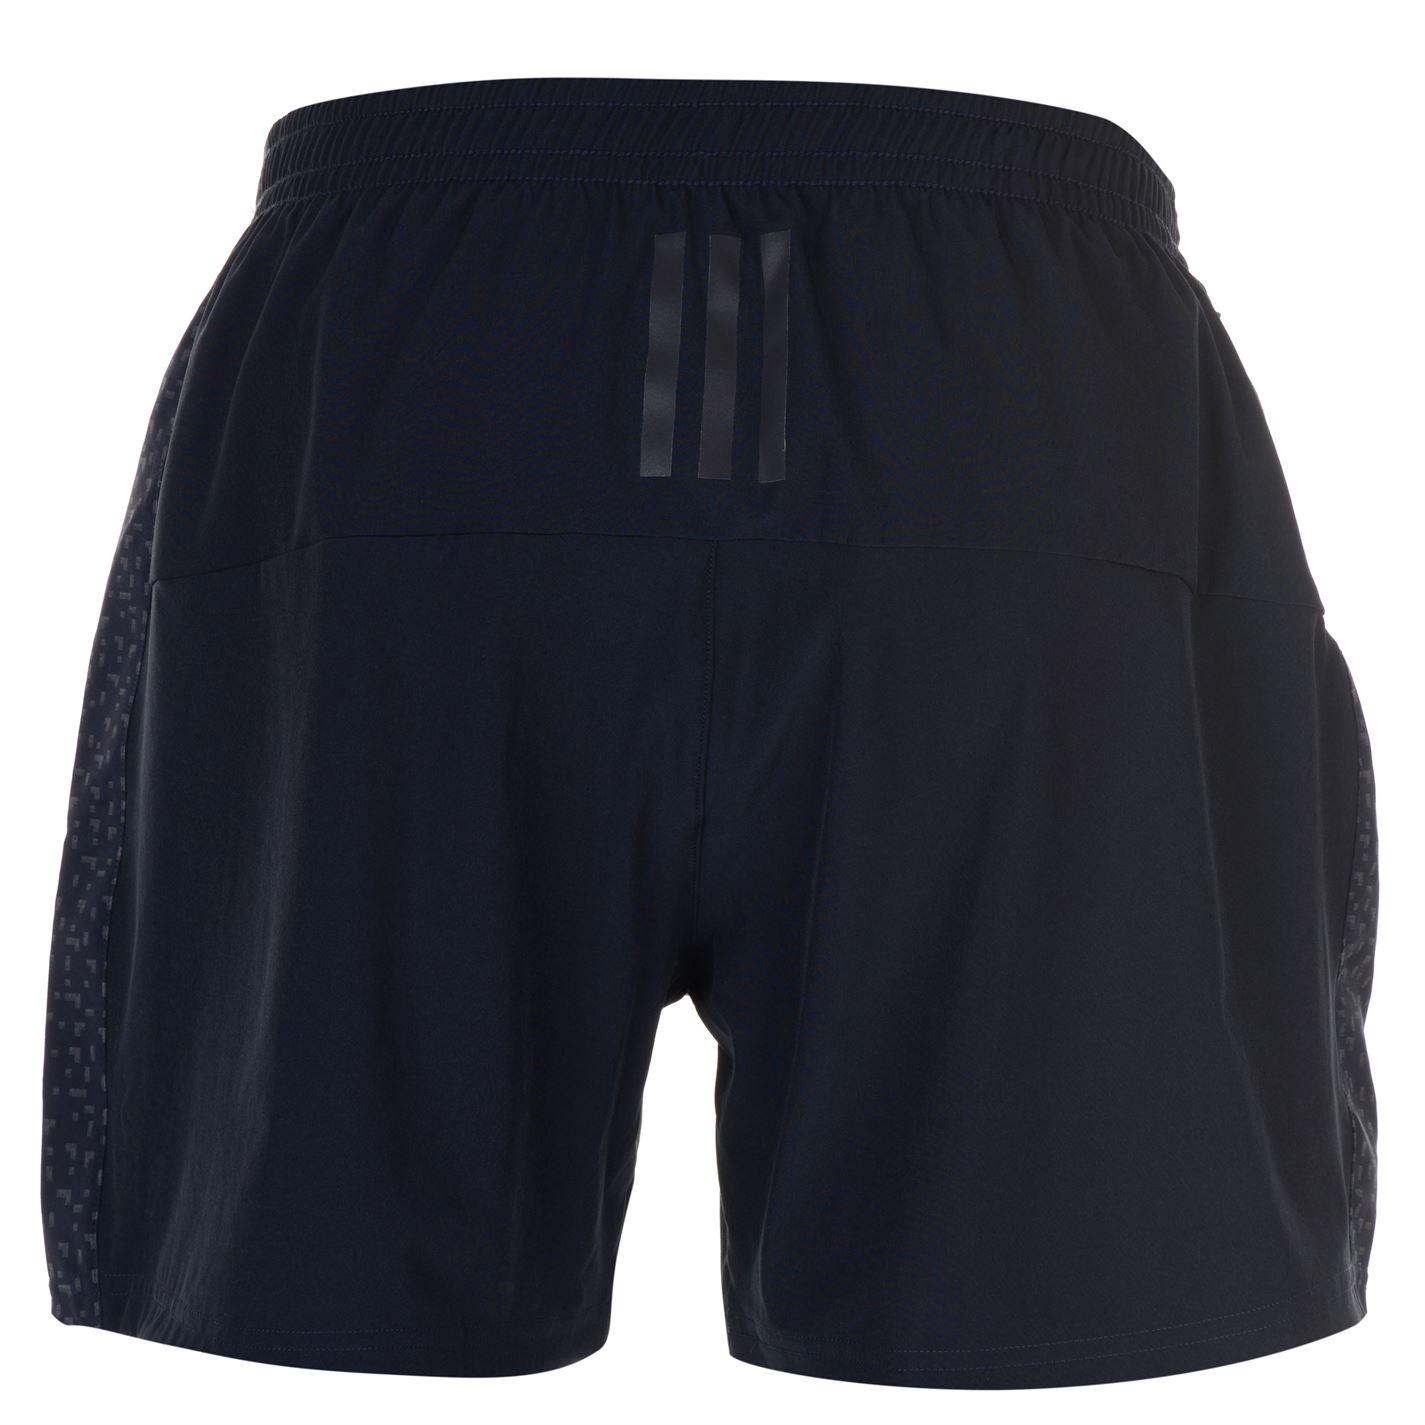 52e1badef adidas-Mens-Gents-Supernova-Shorts-Zipped-Clothing thumbnail 16